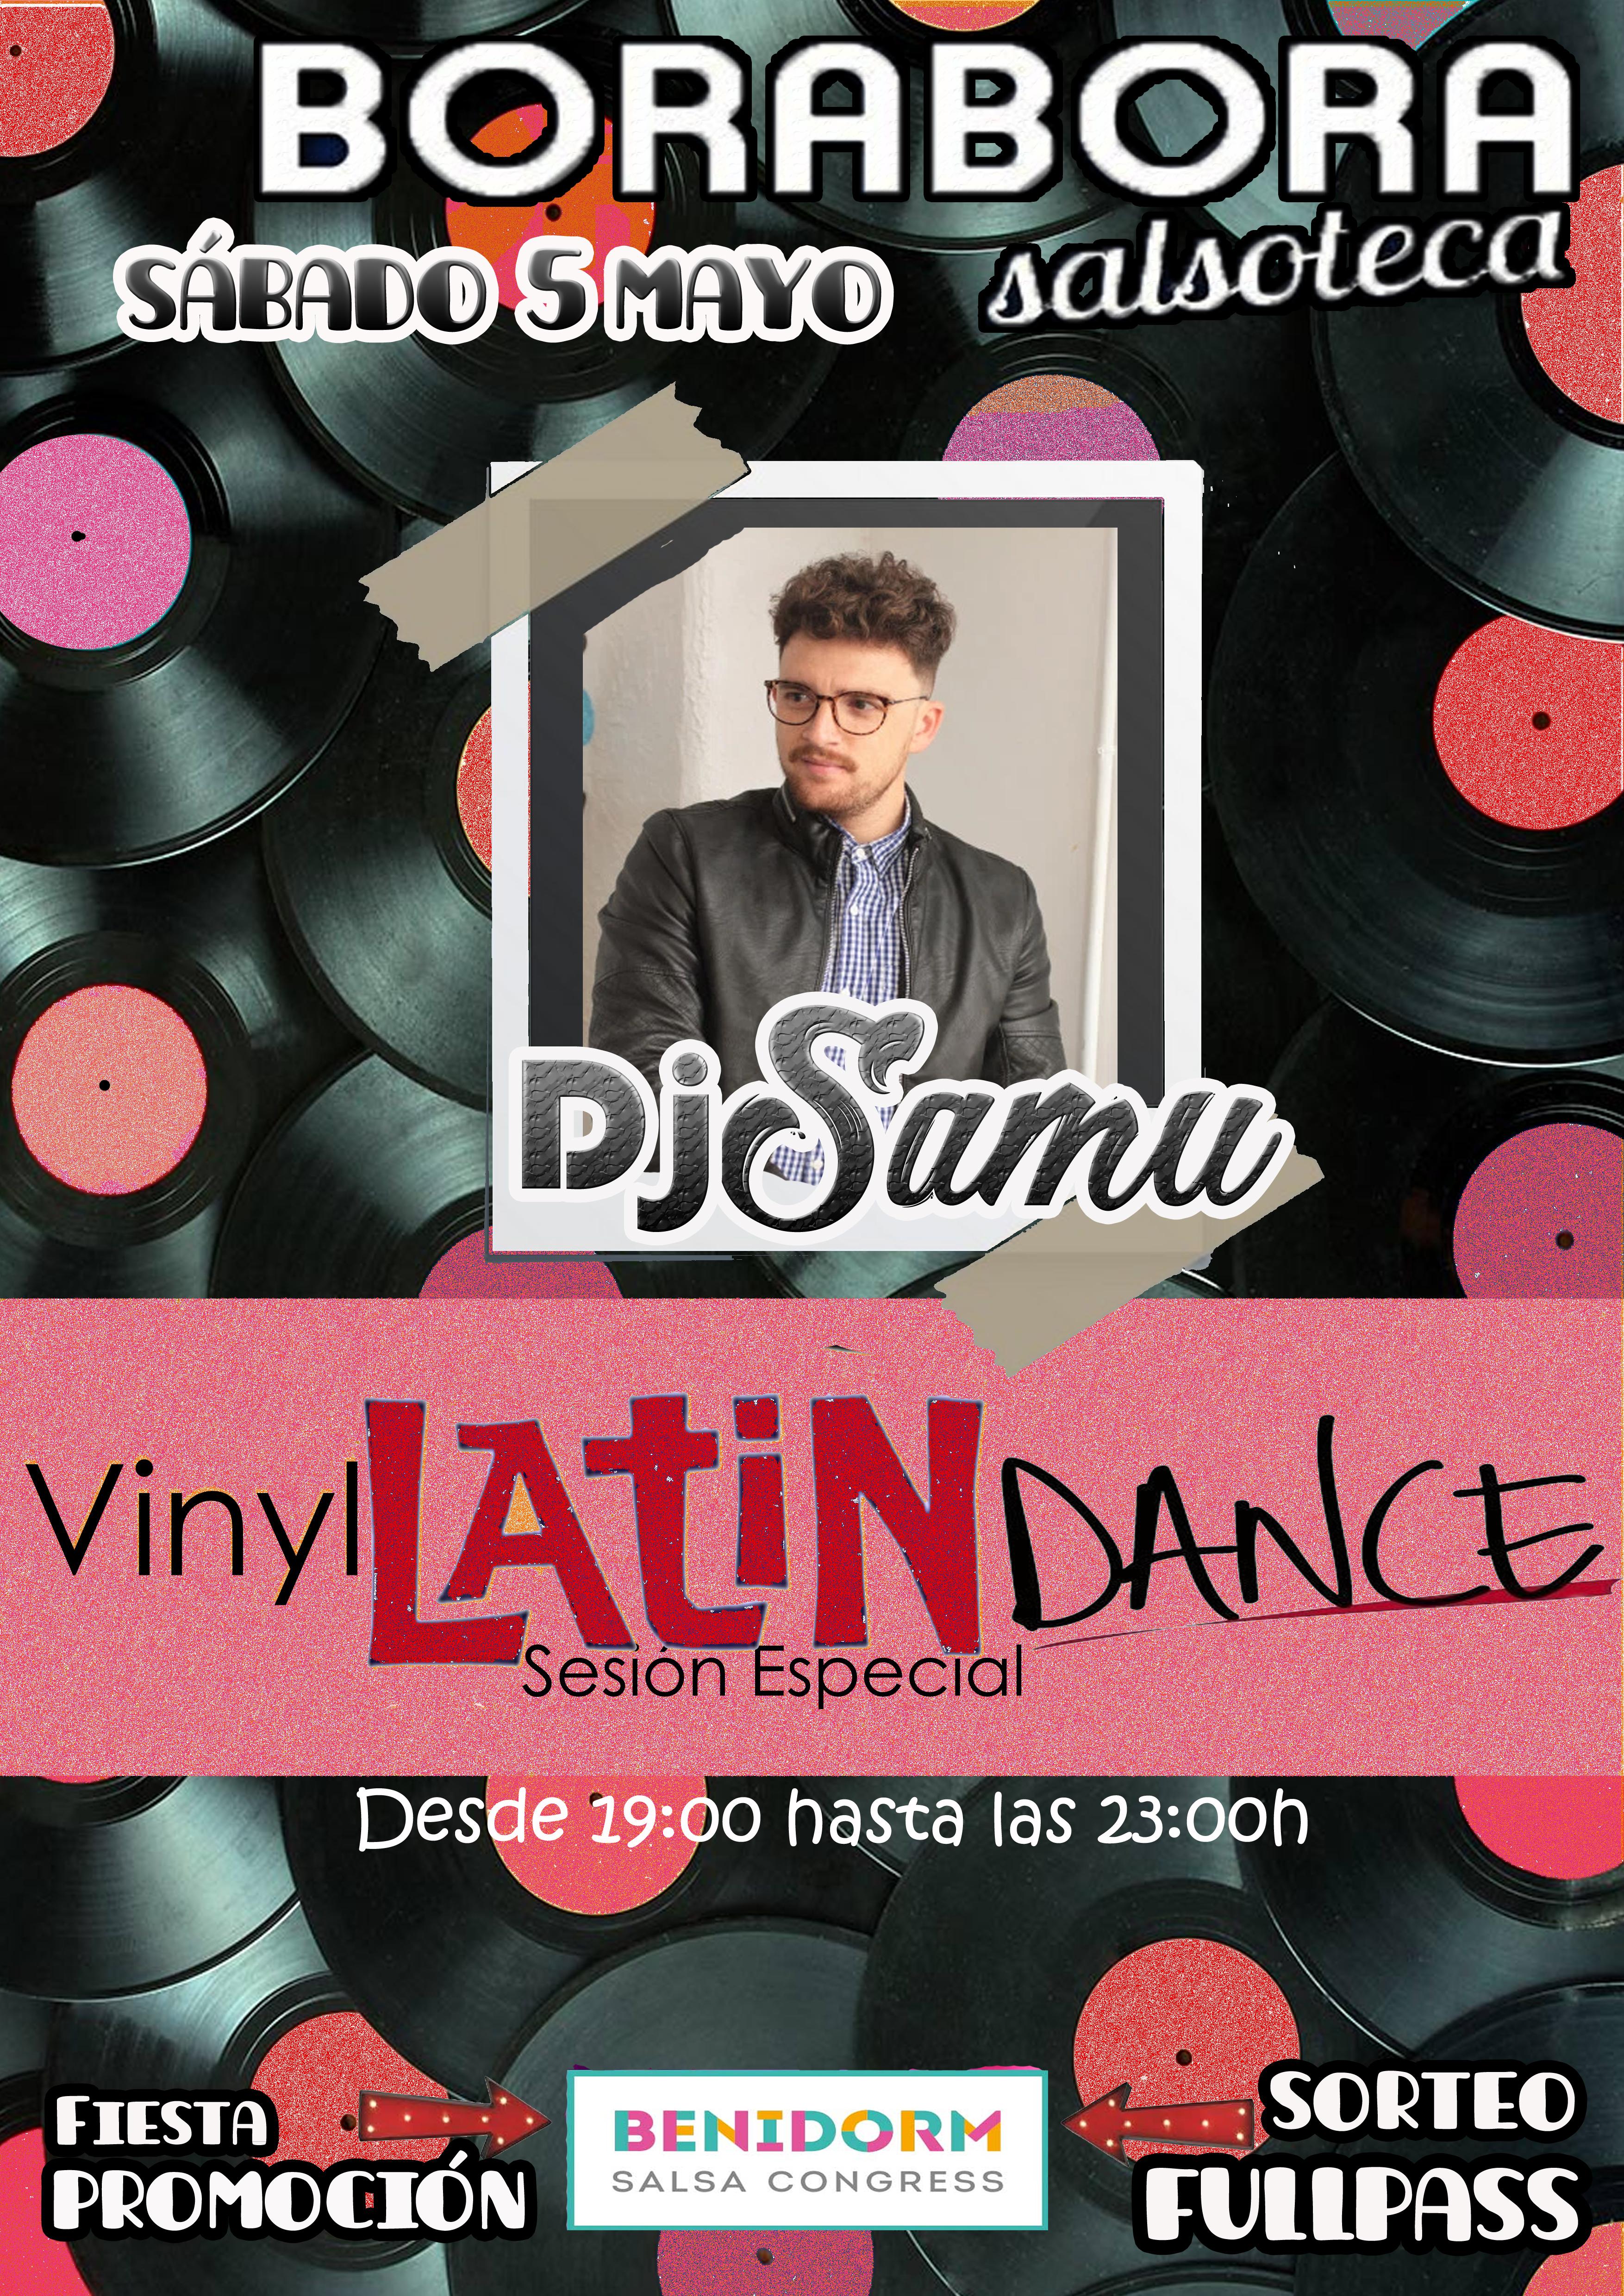 vinyl latin dance dj samu